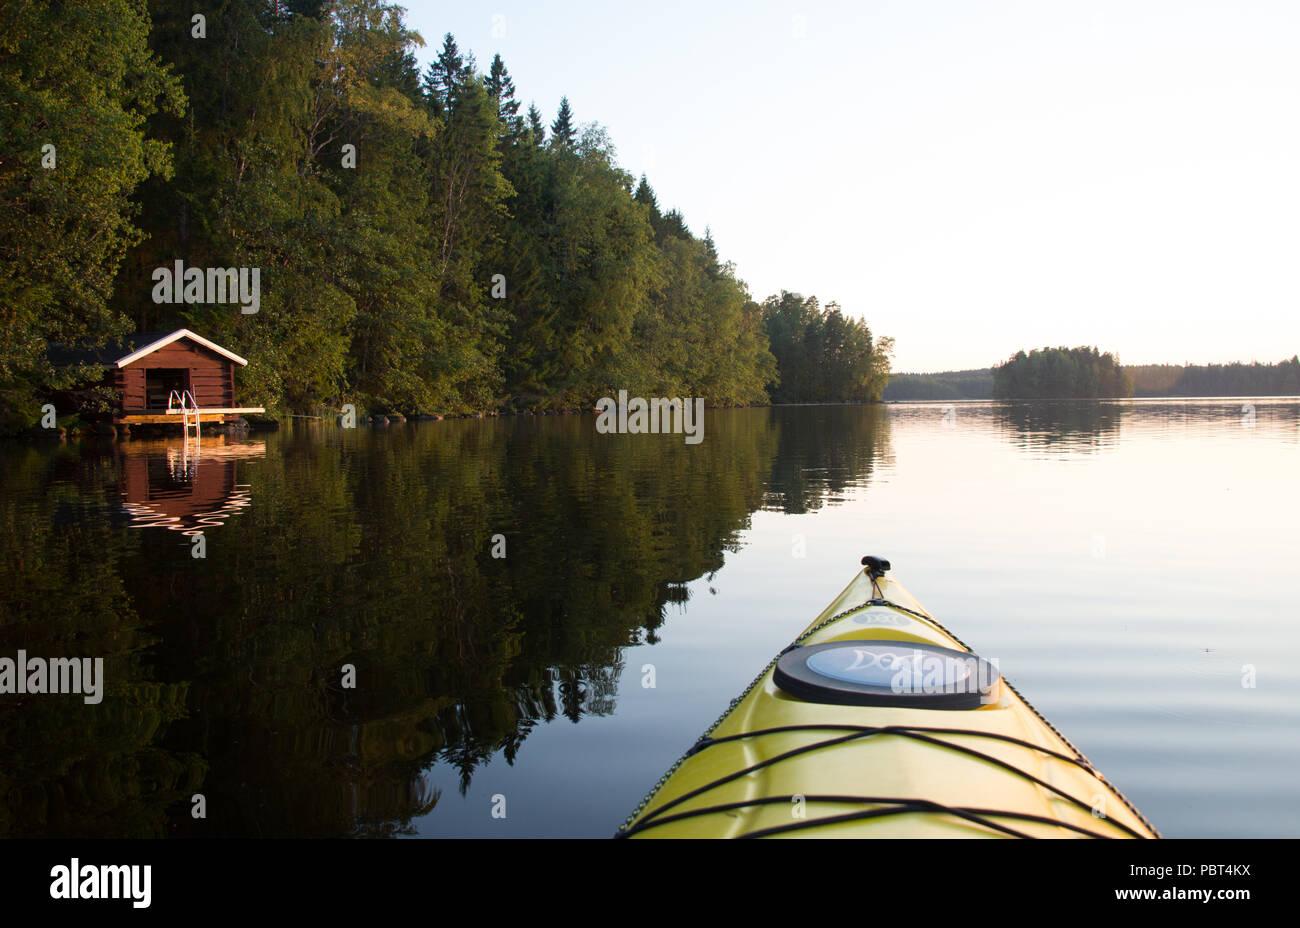 The Beauty of Finnish Summer - Sunset reflections on lake surface. Hausjärvi, Finland. - Stock Image